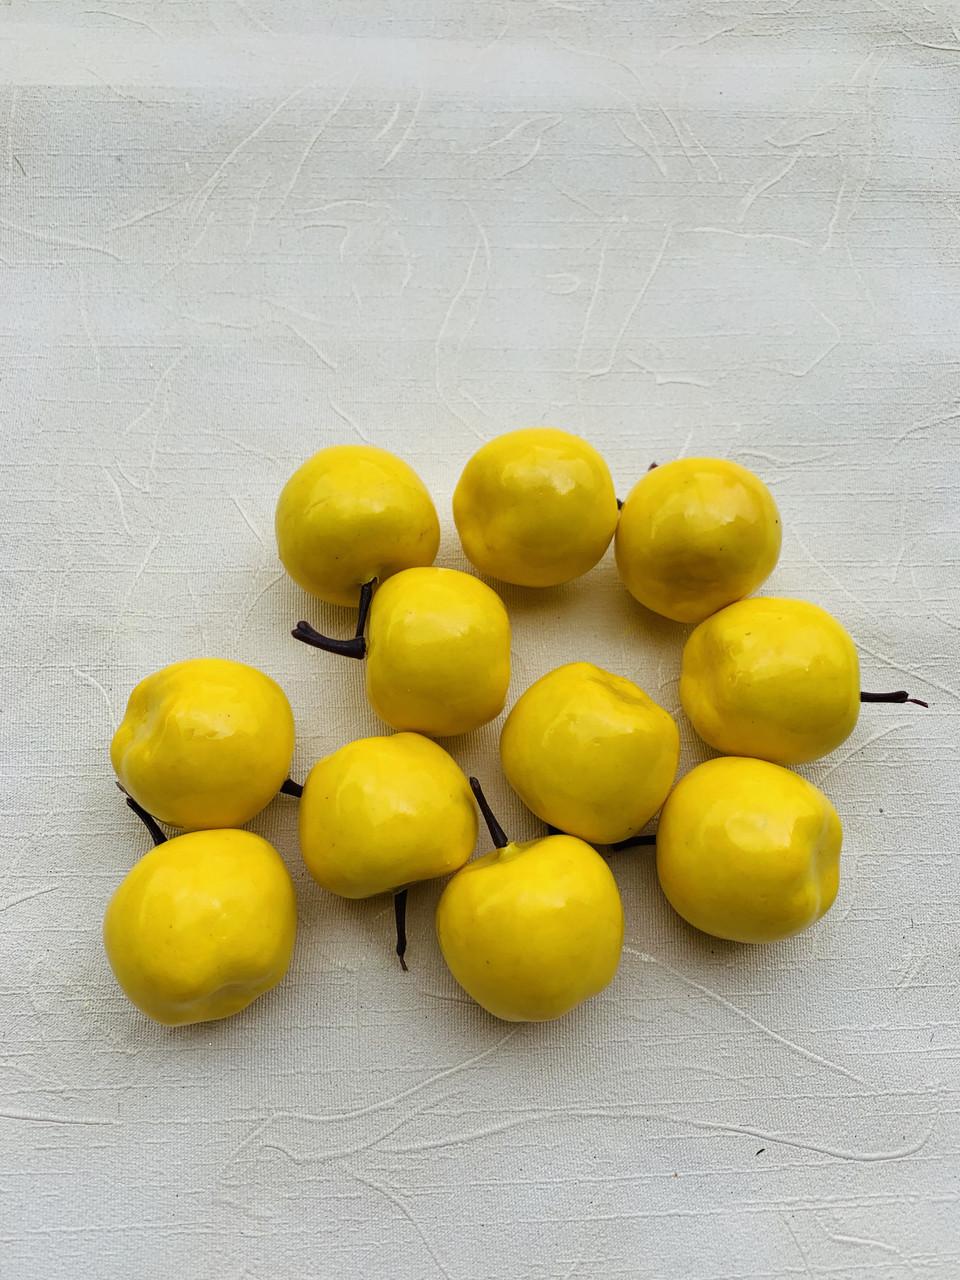 Искусственные яблочки.Яблочки декоративные(желтые)